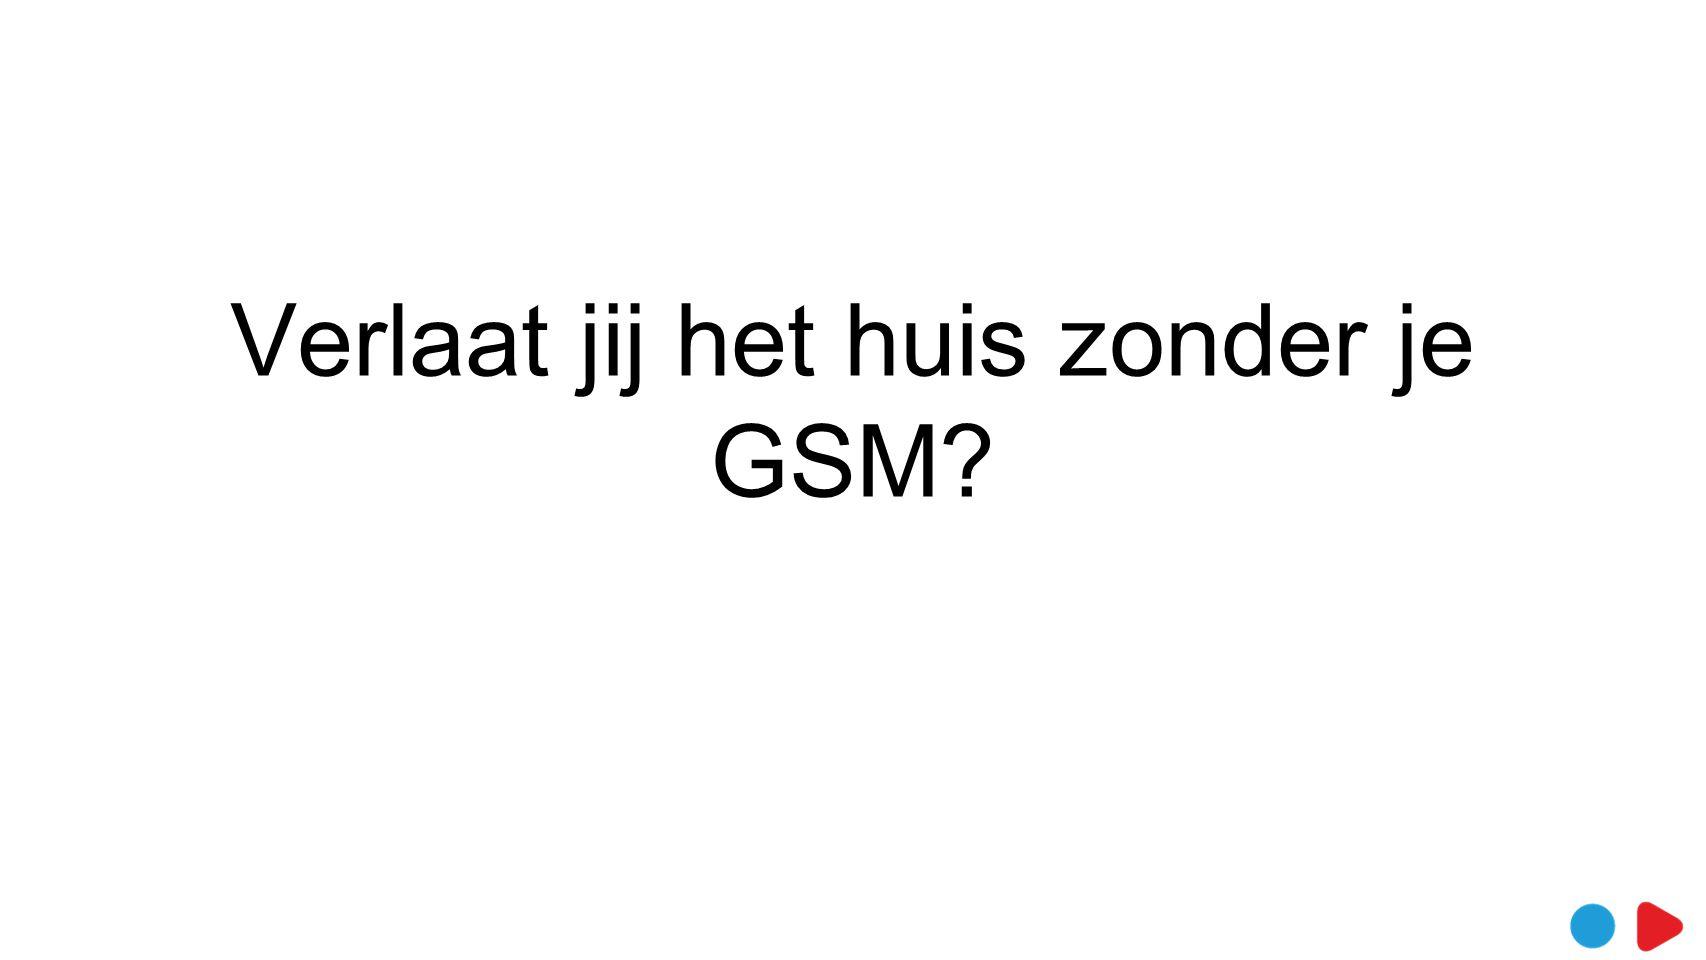 Verlaat jij het huis zonder je GSM